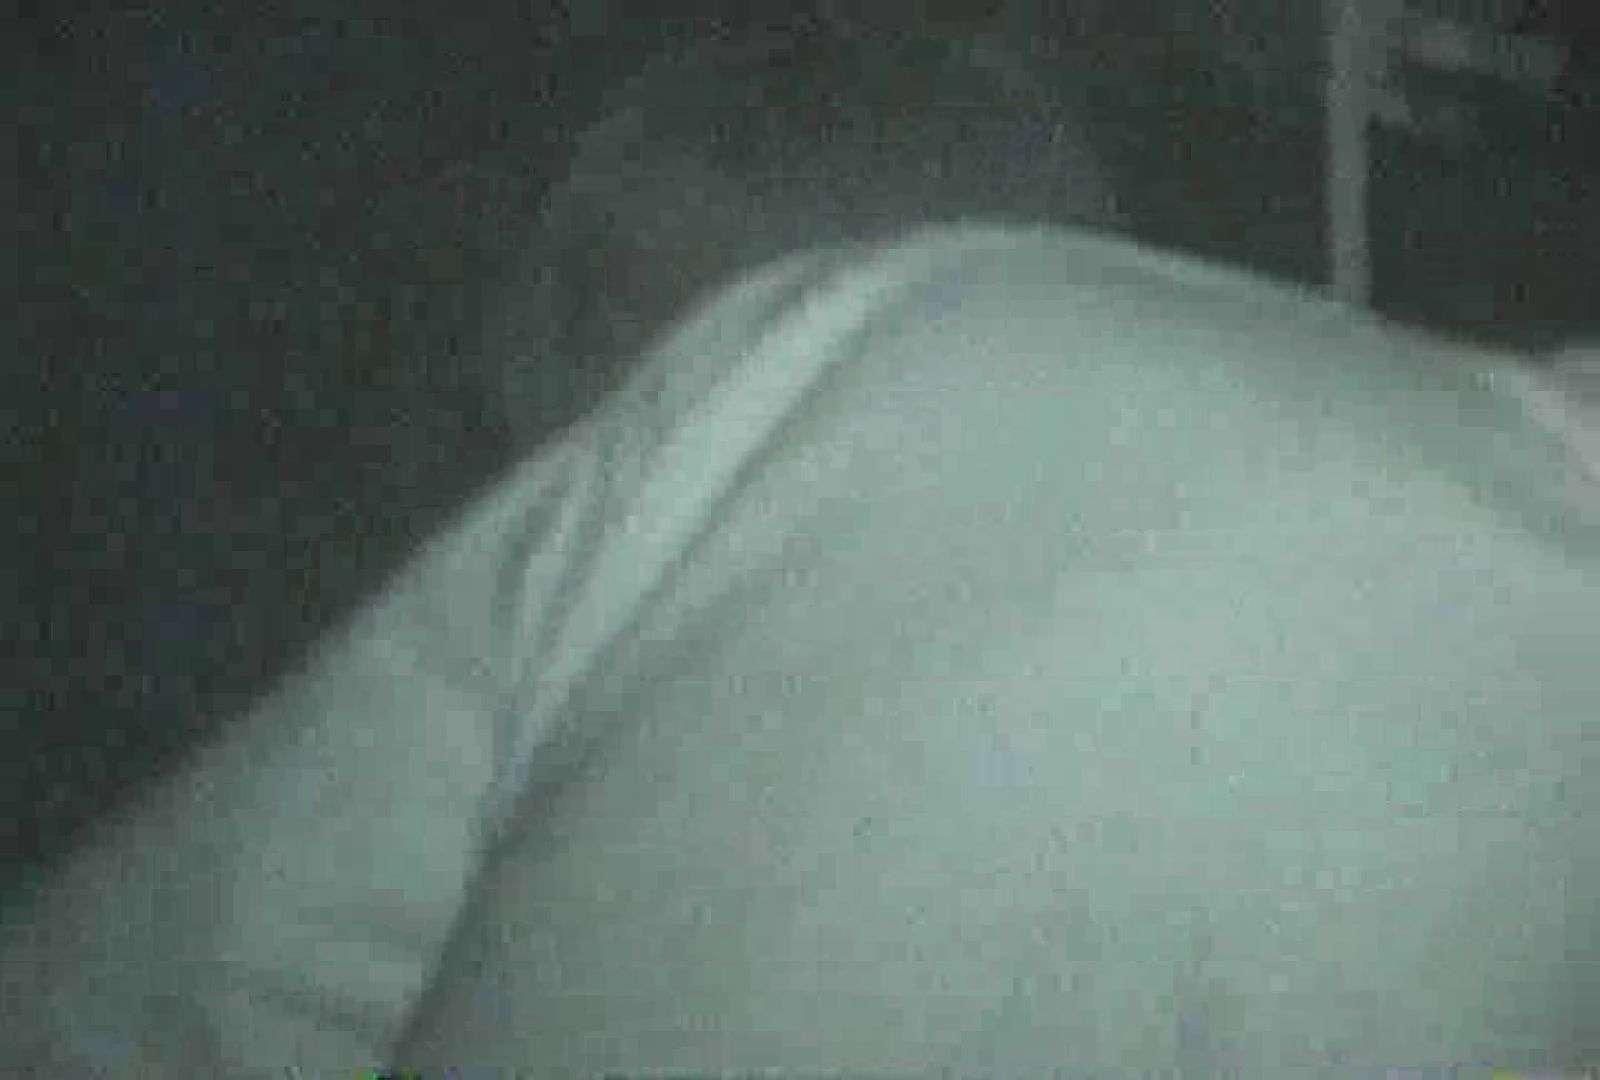 充血監督の深夜の運動会Vol.50 エロティックなOL 女性器鑑賞 63画像 26